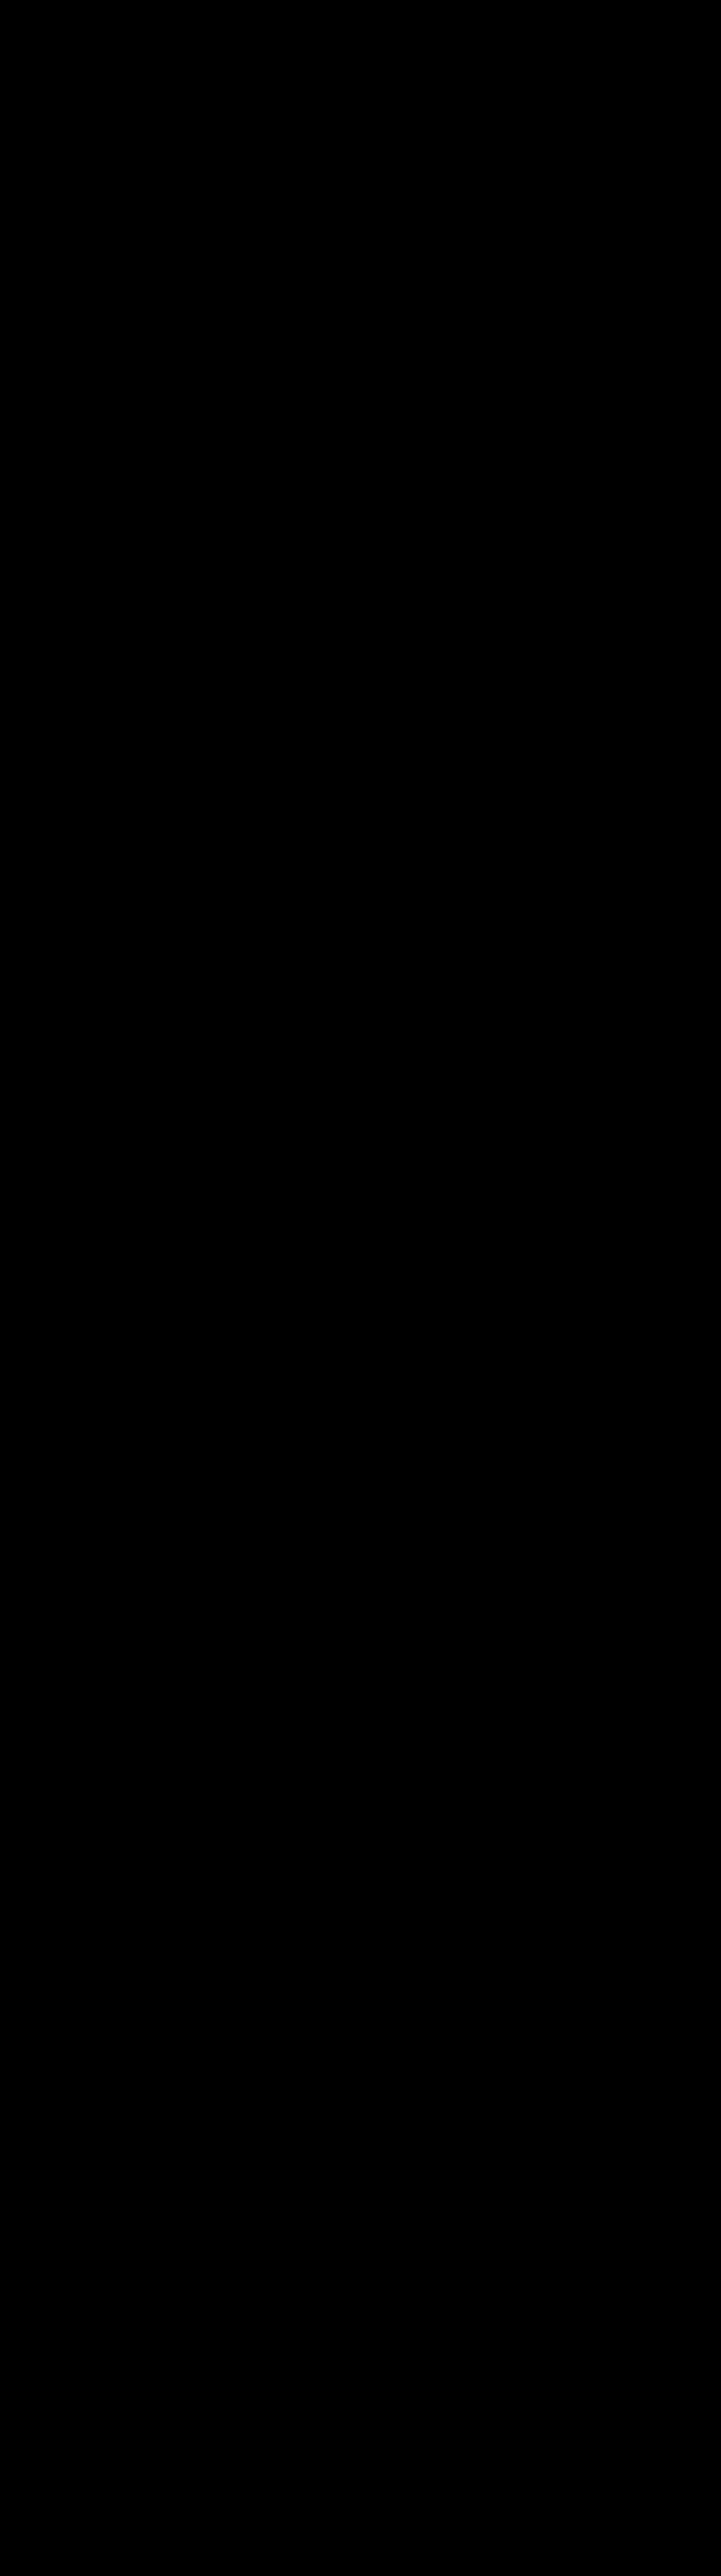 Dumbbell clipart bent. File gullbraceleft svg wikimedia